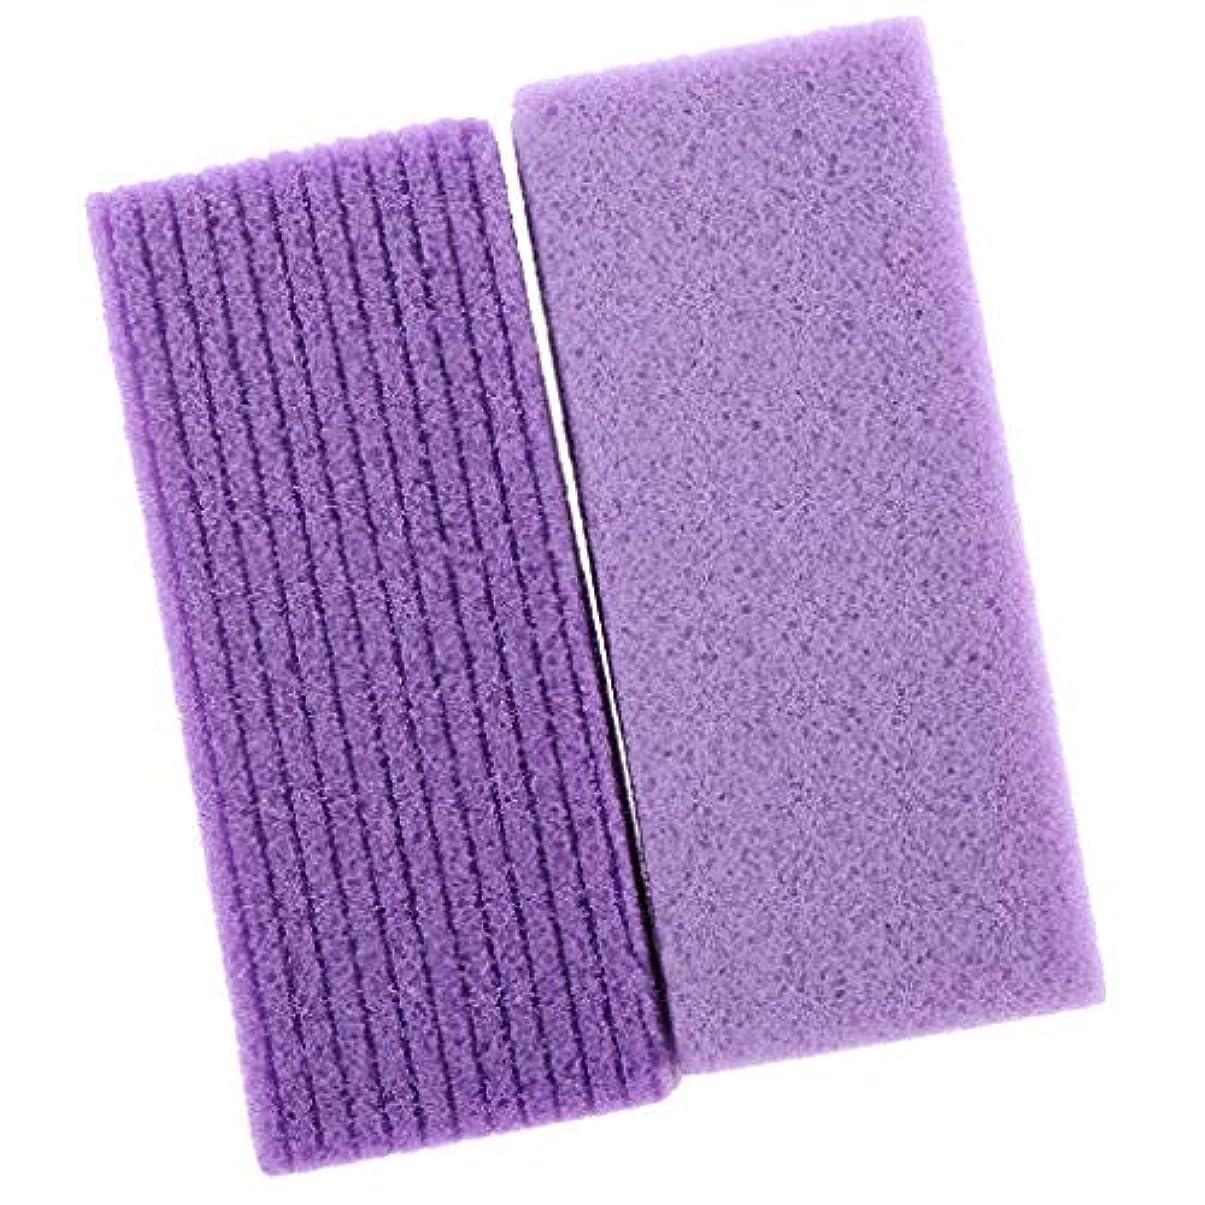 温室織るモーションToygogo 2個の軽石ストーンフィートケアスクラブデッドスキンカルスリムーバーペディキュアツール、サイズ12x5x2.5 Cm